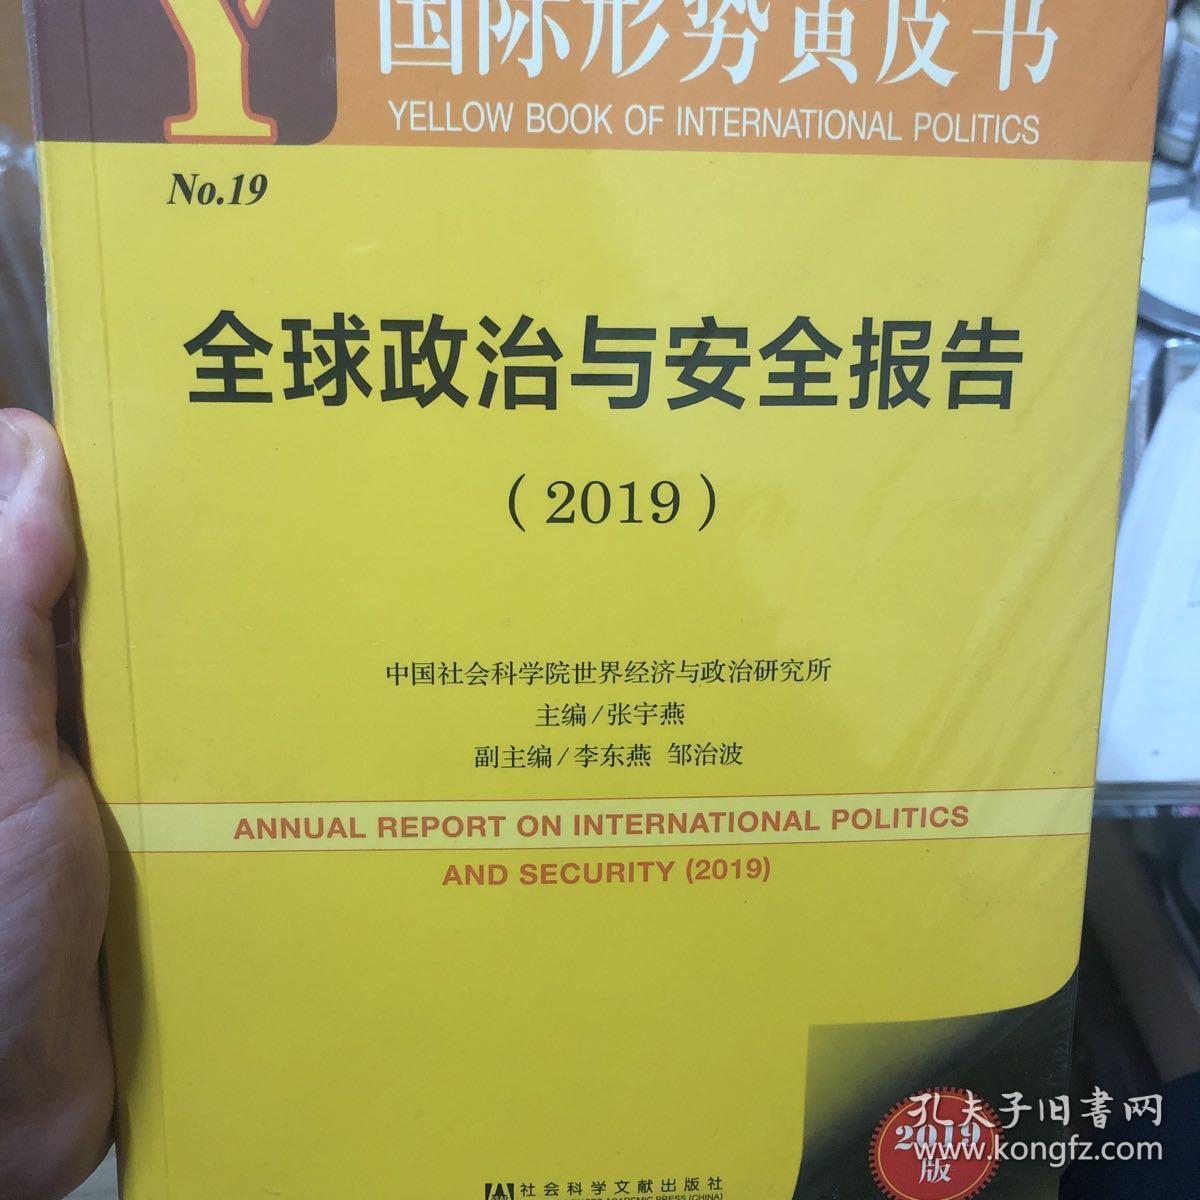 国际形势黄皮书:全球政治与安全报告(2019)